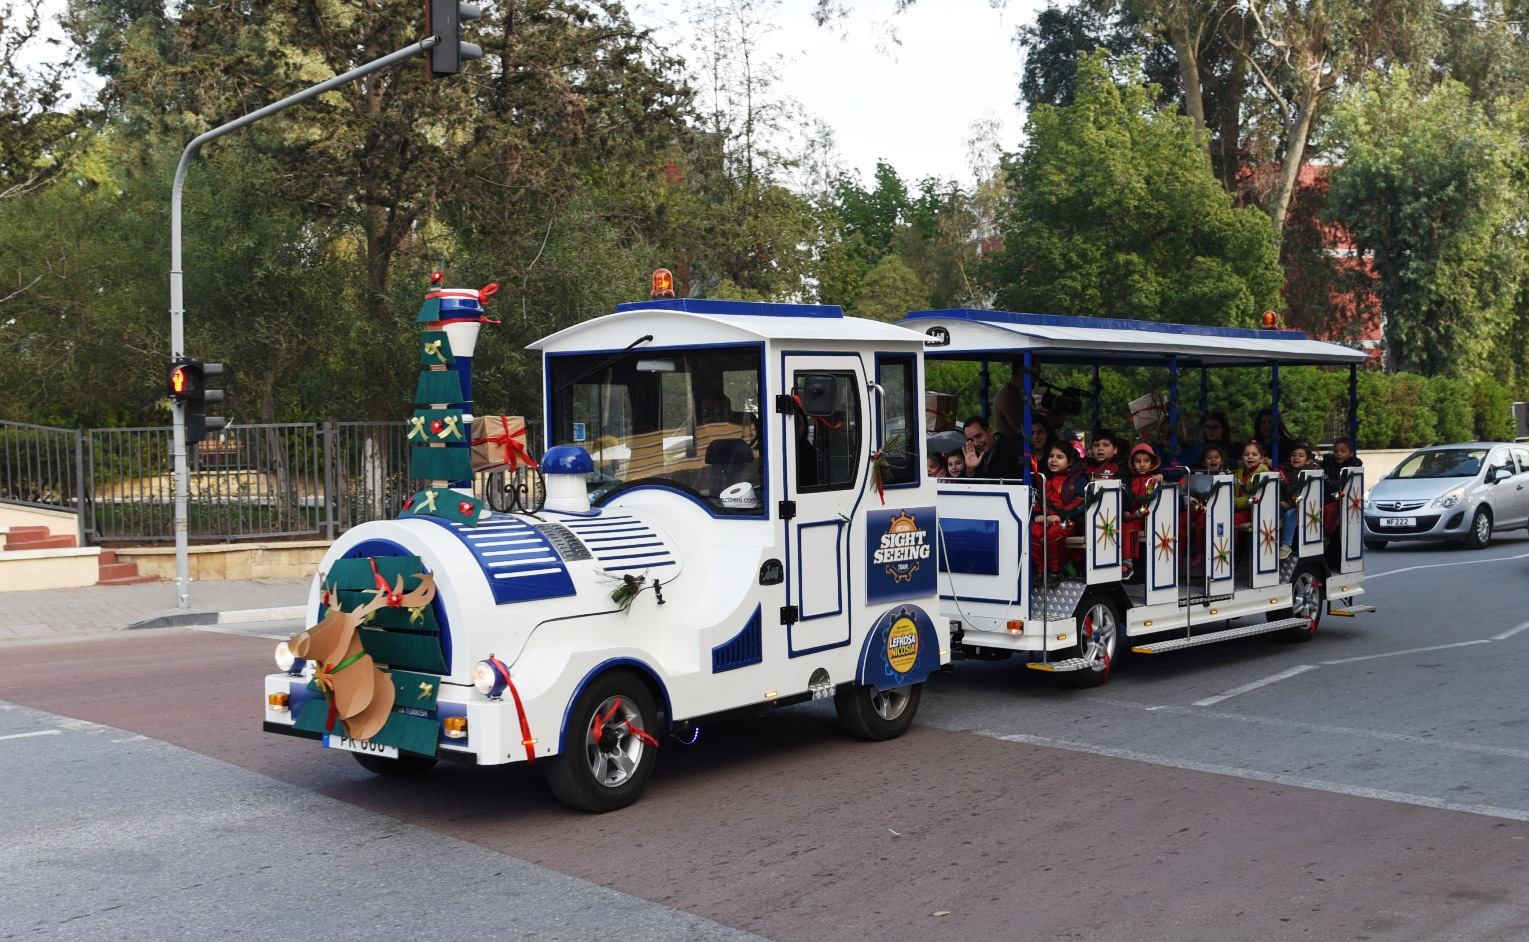 В центре Лефкоши запустили туристический паровозик